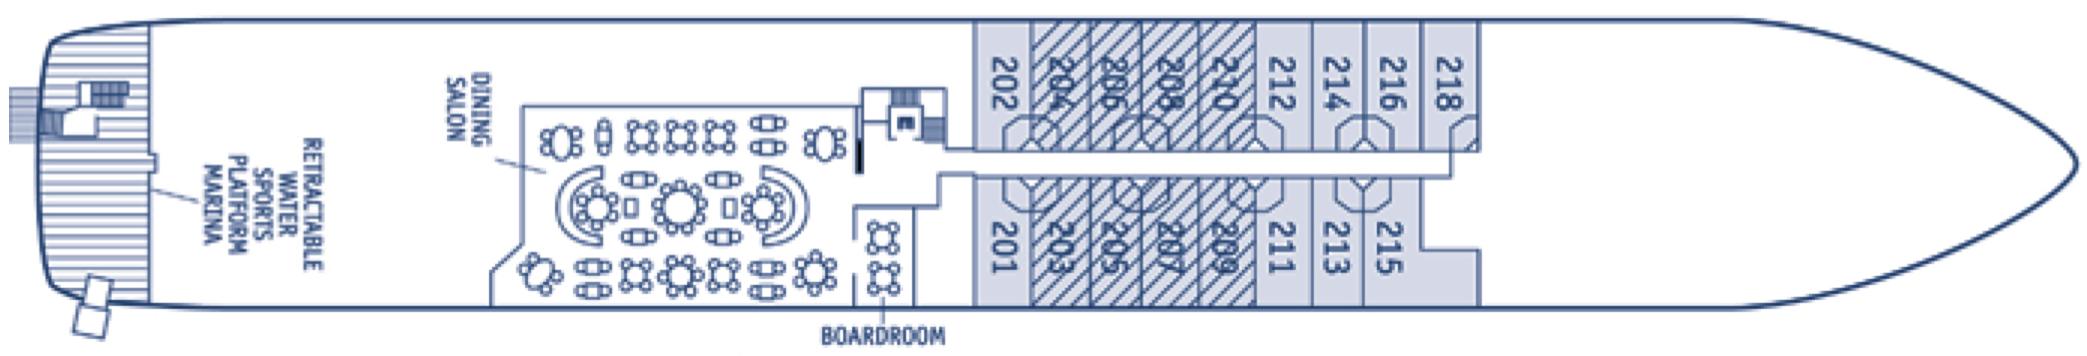 SeaDream Yacht Club Deck Plans Deck 2.jpg